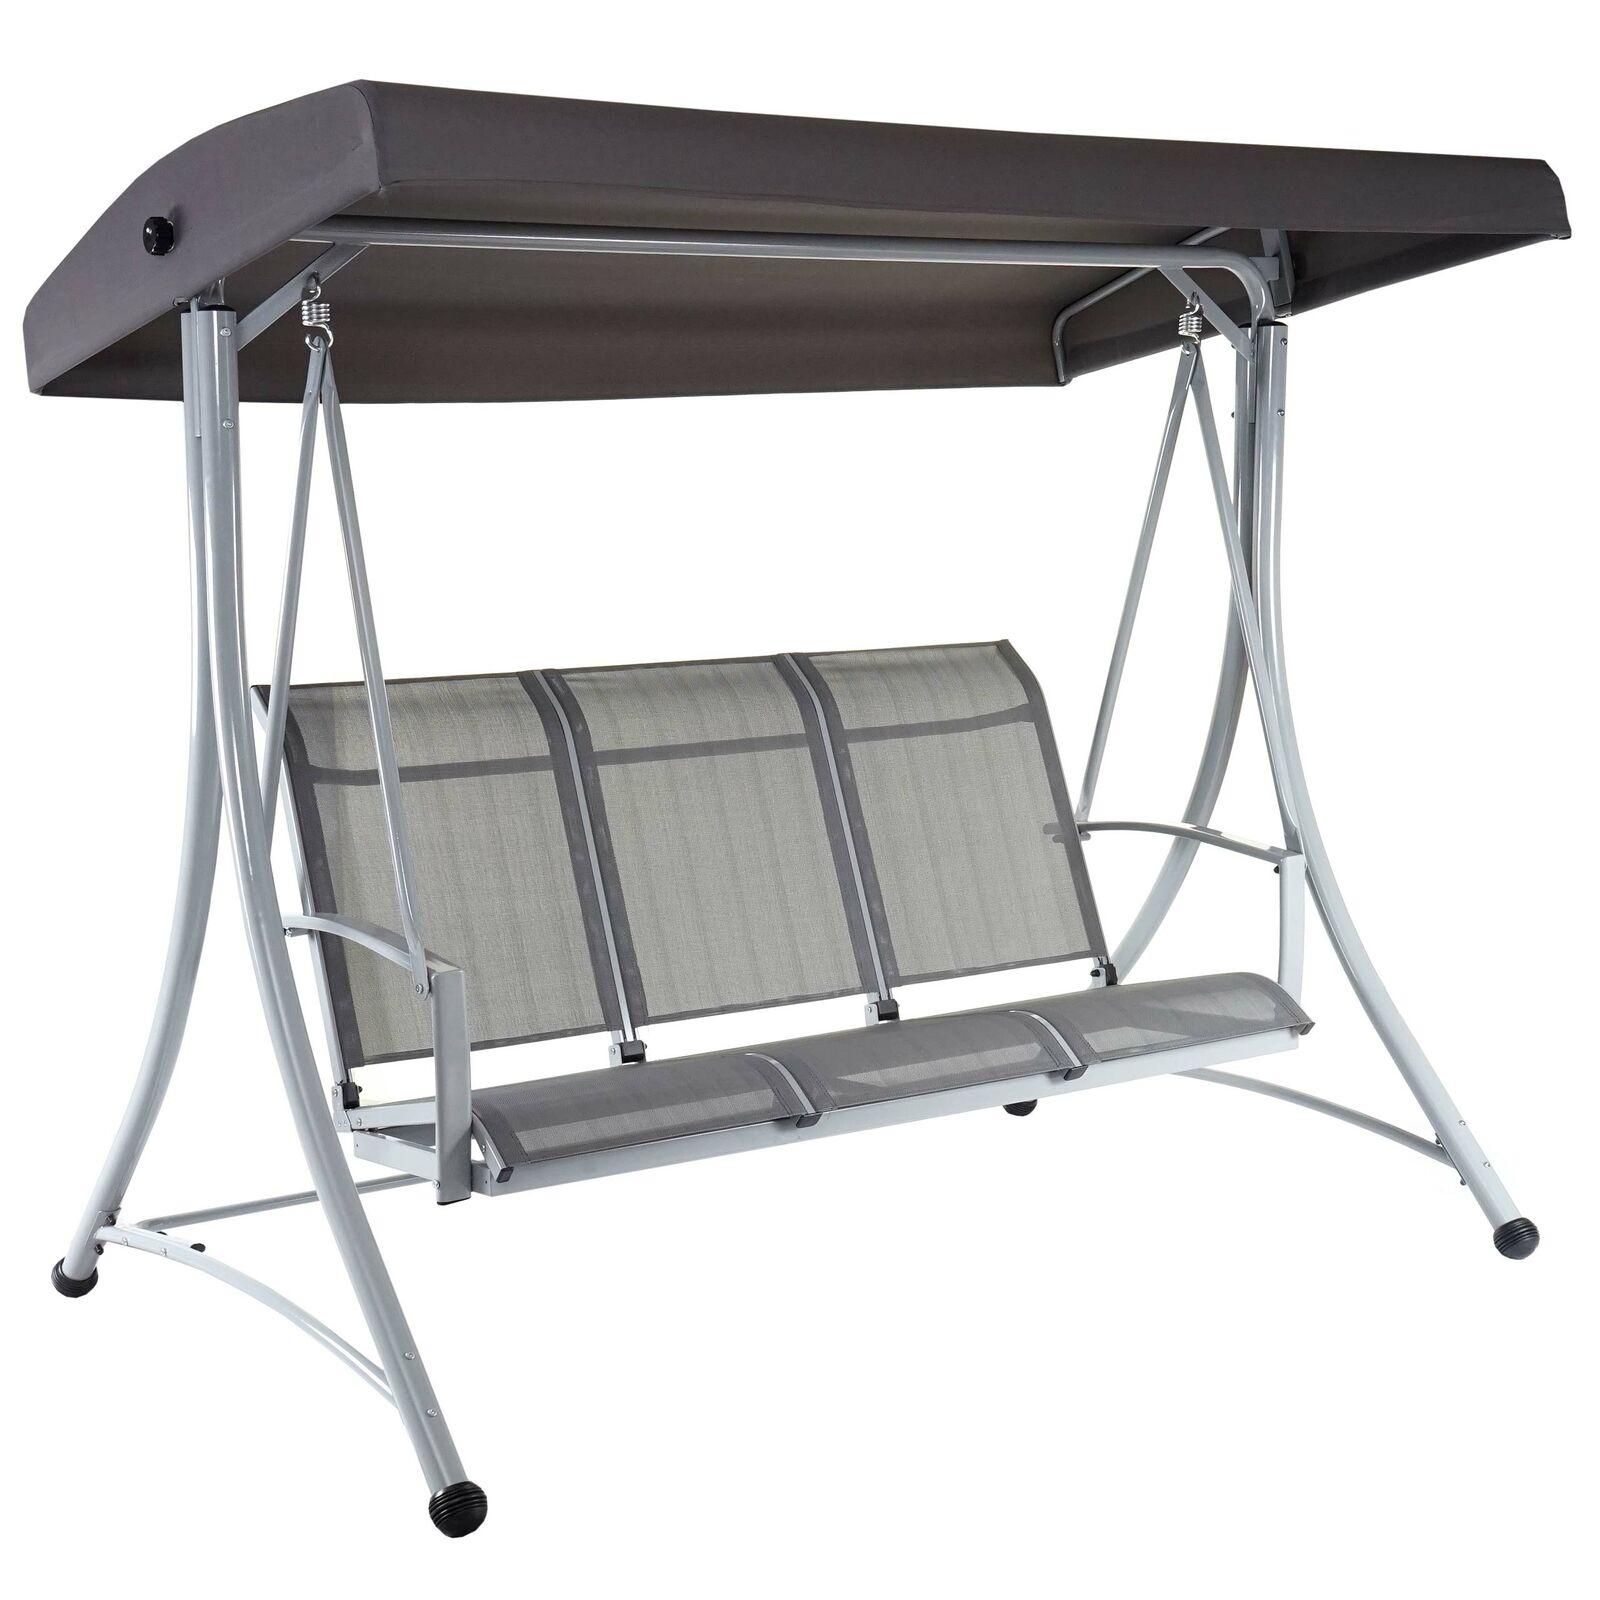 Hamaca de Hollywood MCW-D62, 3-Sitzer Regulable Techo 216x196x130cm gris